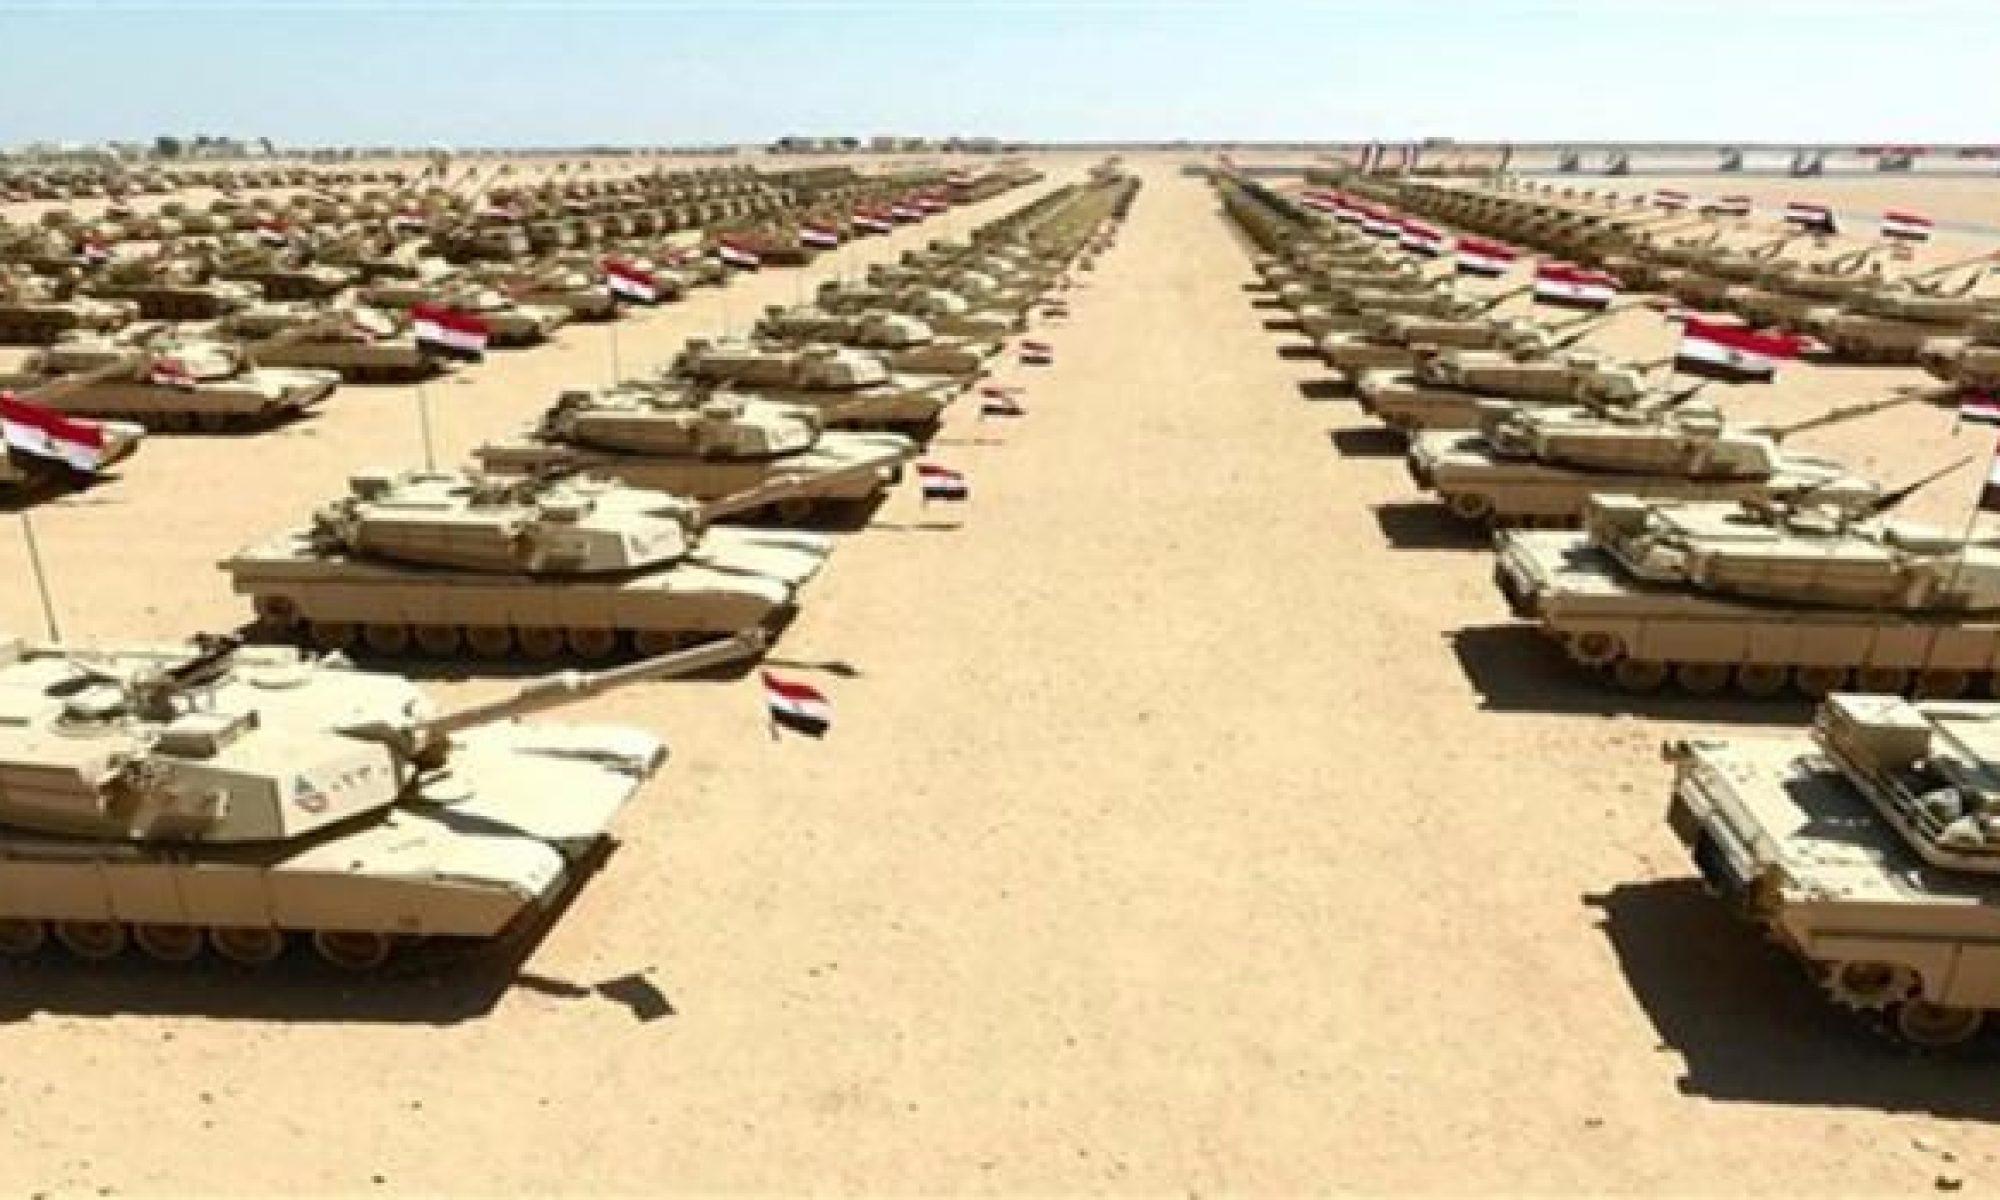 Tuğgeral Xalid Akaşa: Mısır ciddi bir askeri hazırlık içinde